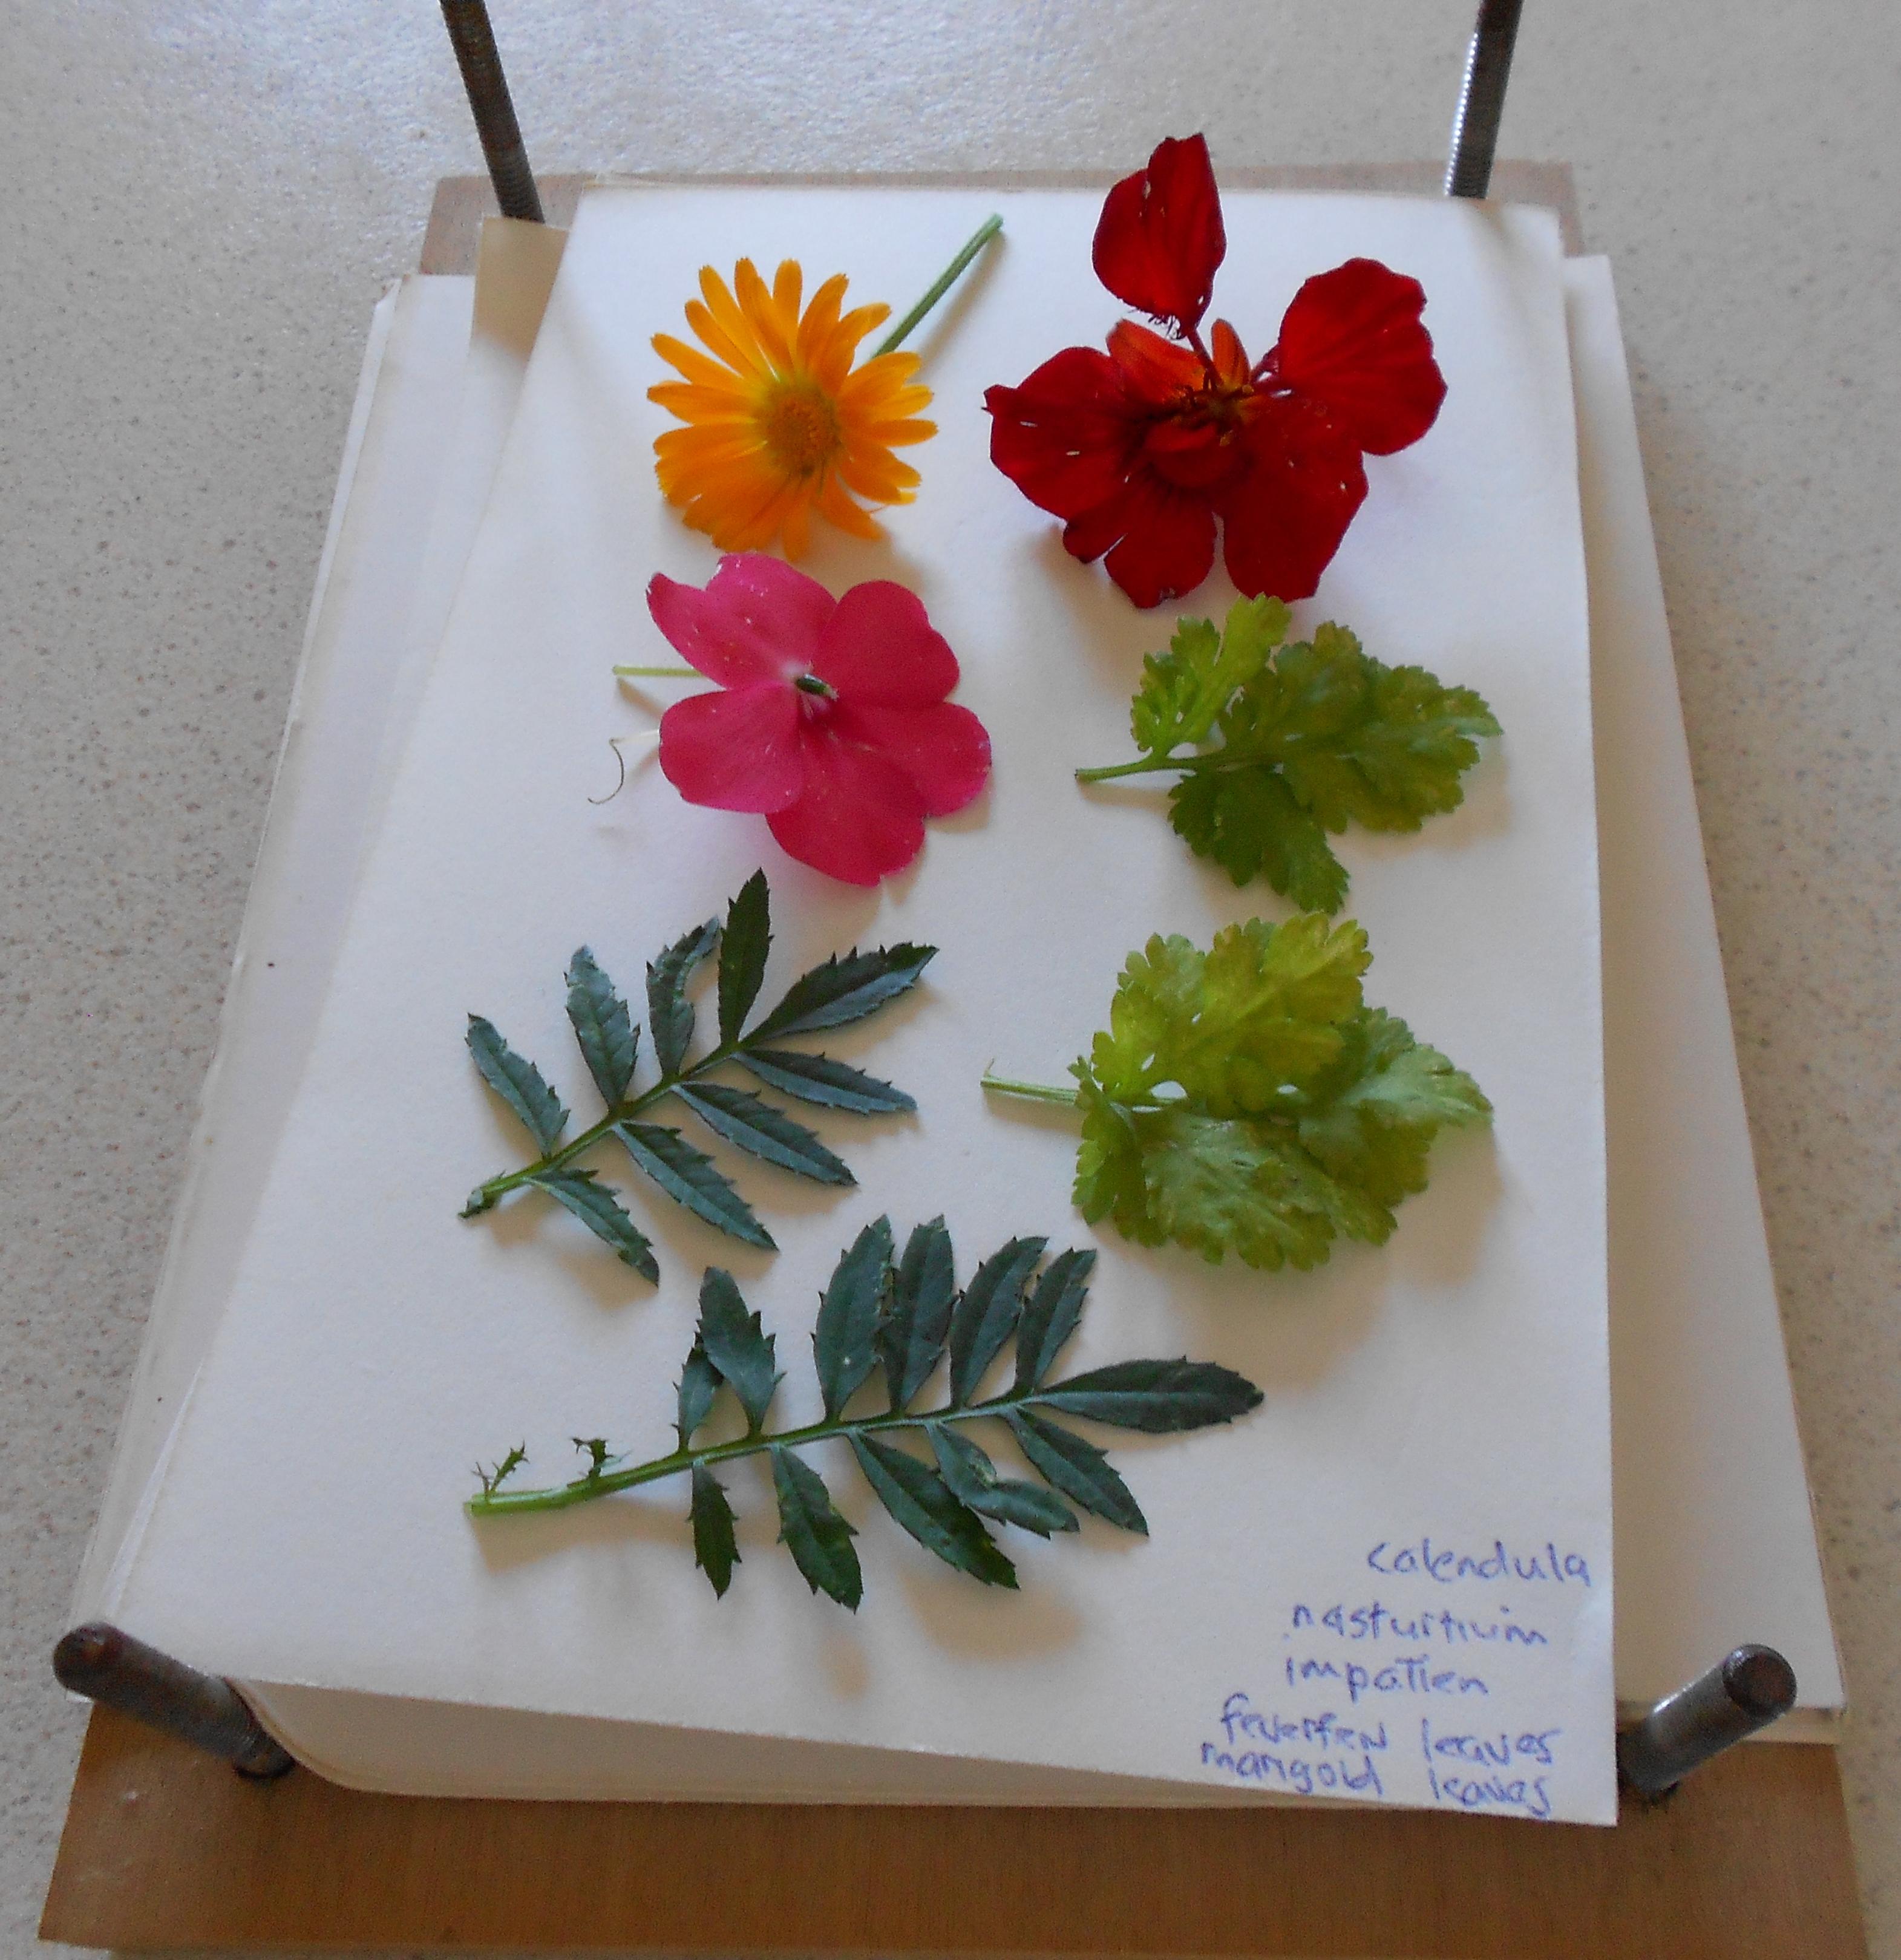 Pressed Flowers Kristah Price